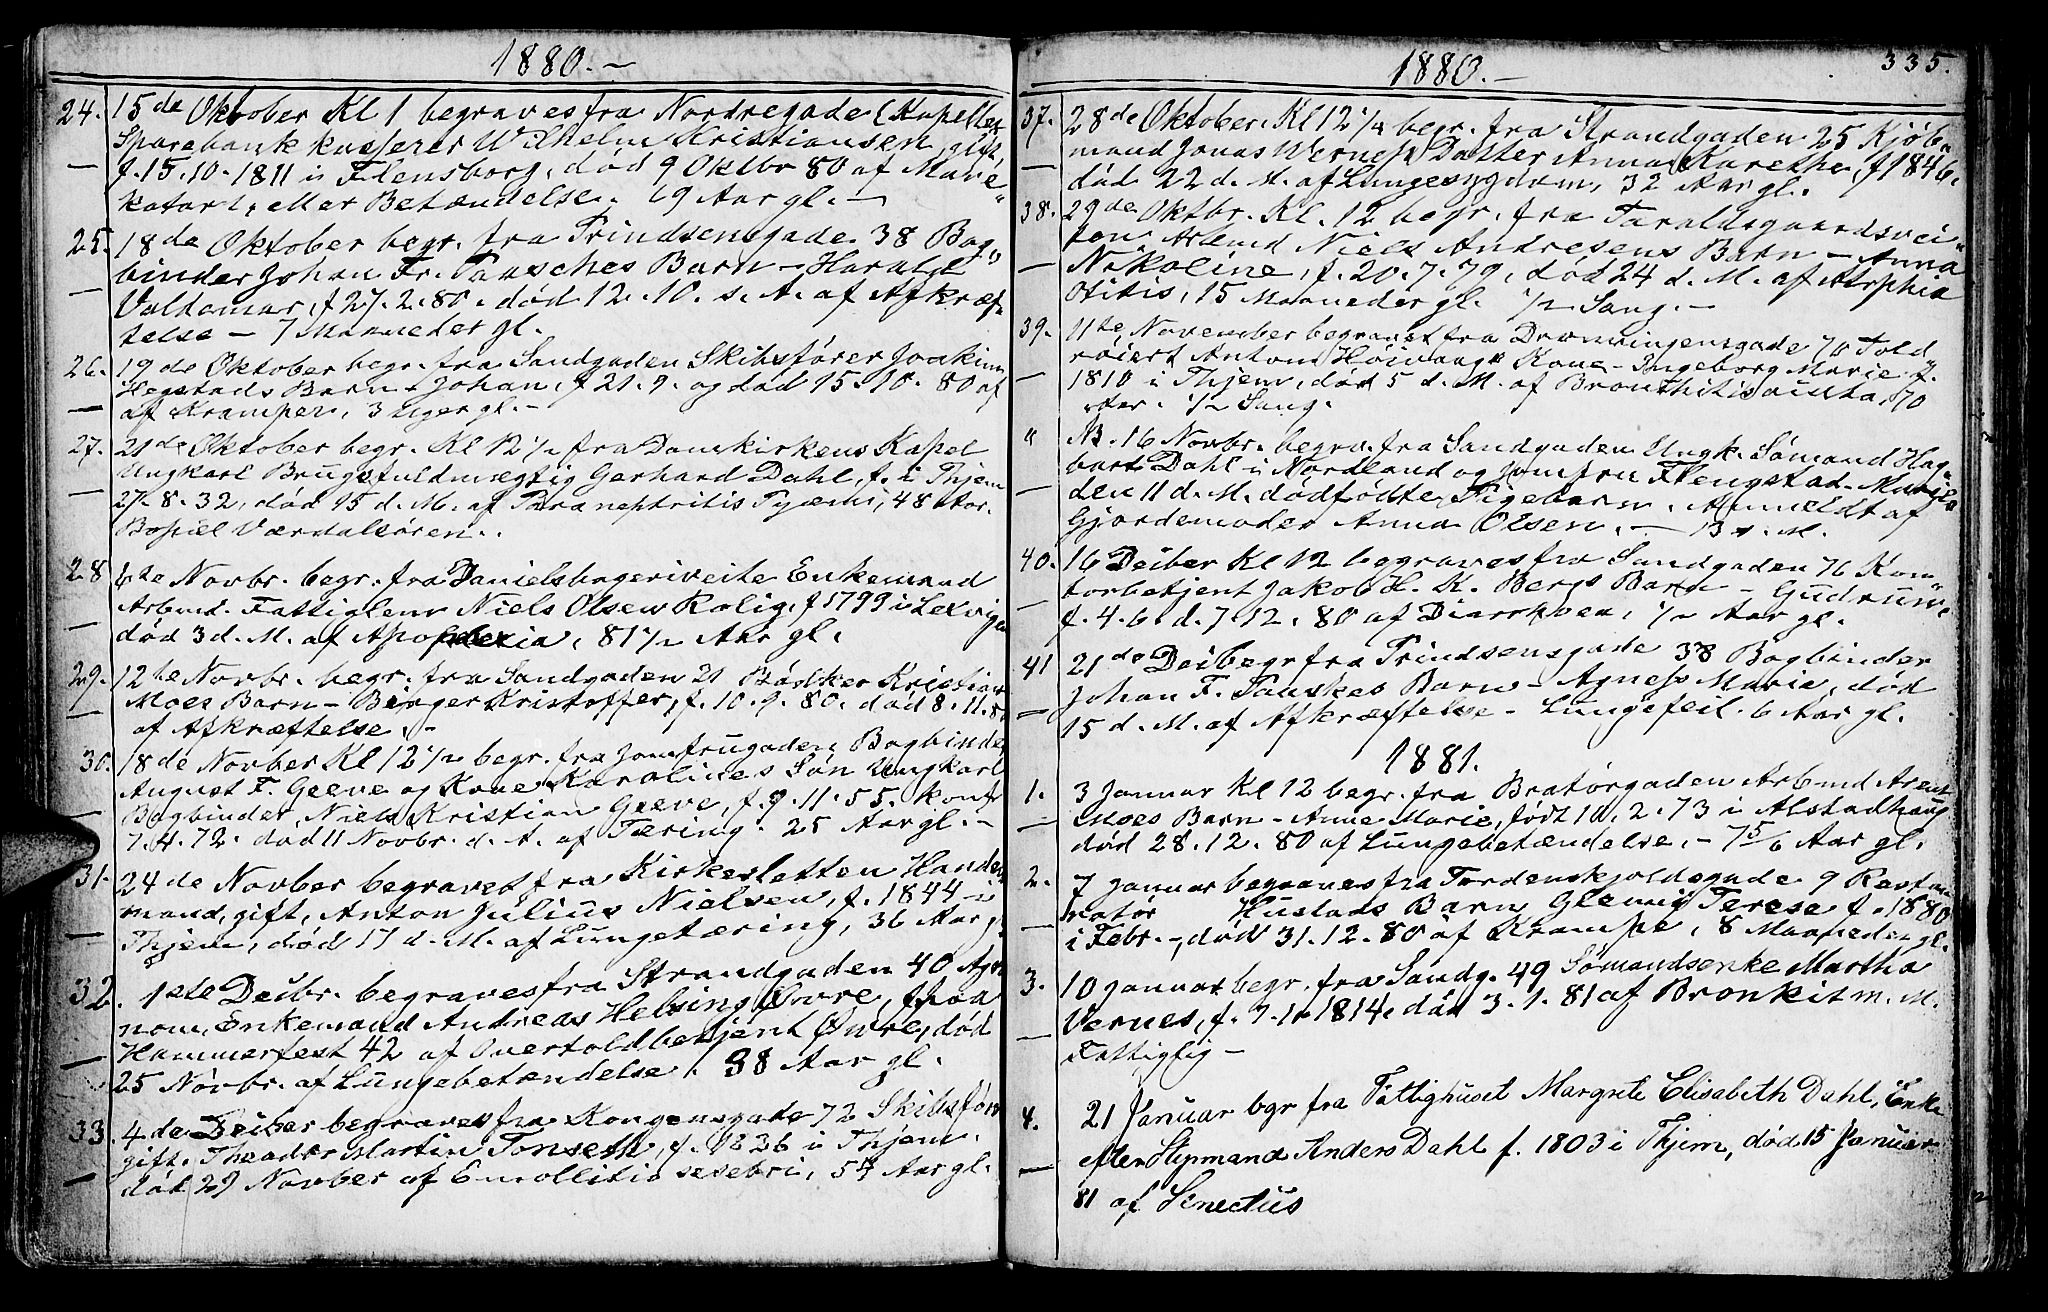 SAT, Ministerialprotokoller, klokkerbøker og fødselsregistre - Sør-Trøndelag, 602/L0142: Klokkerbok nr. 602C10, 1872-1894, s. 335